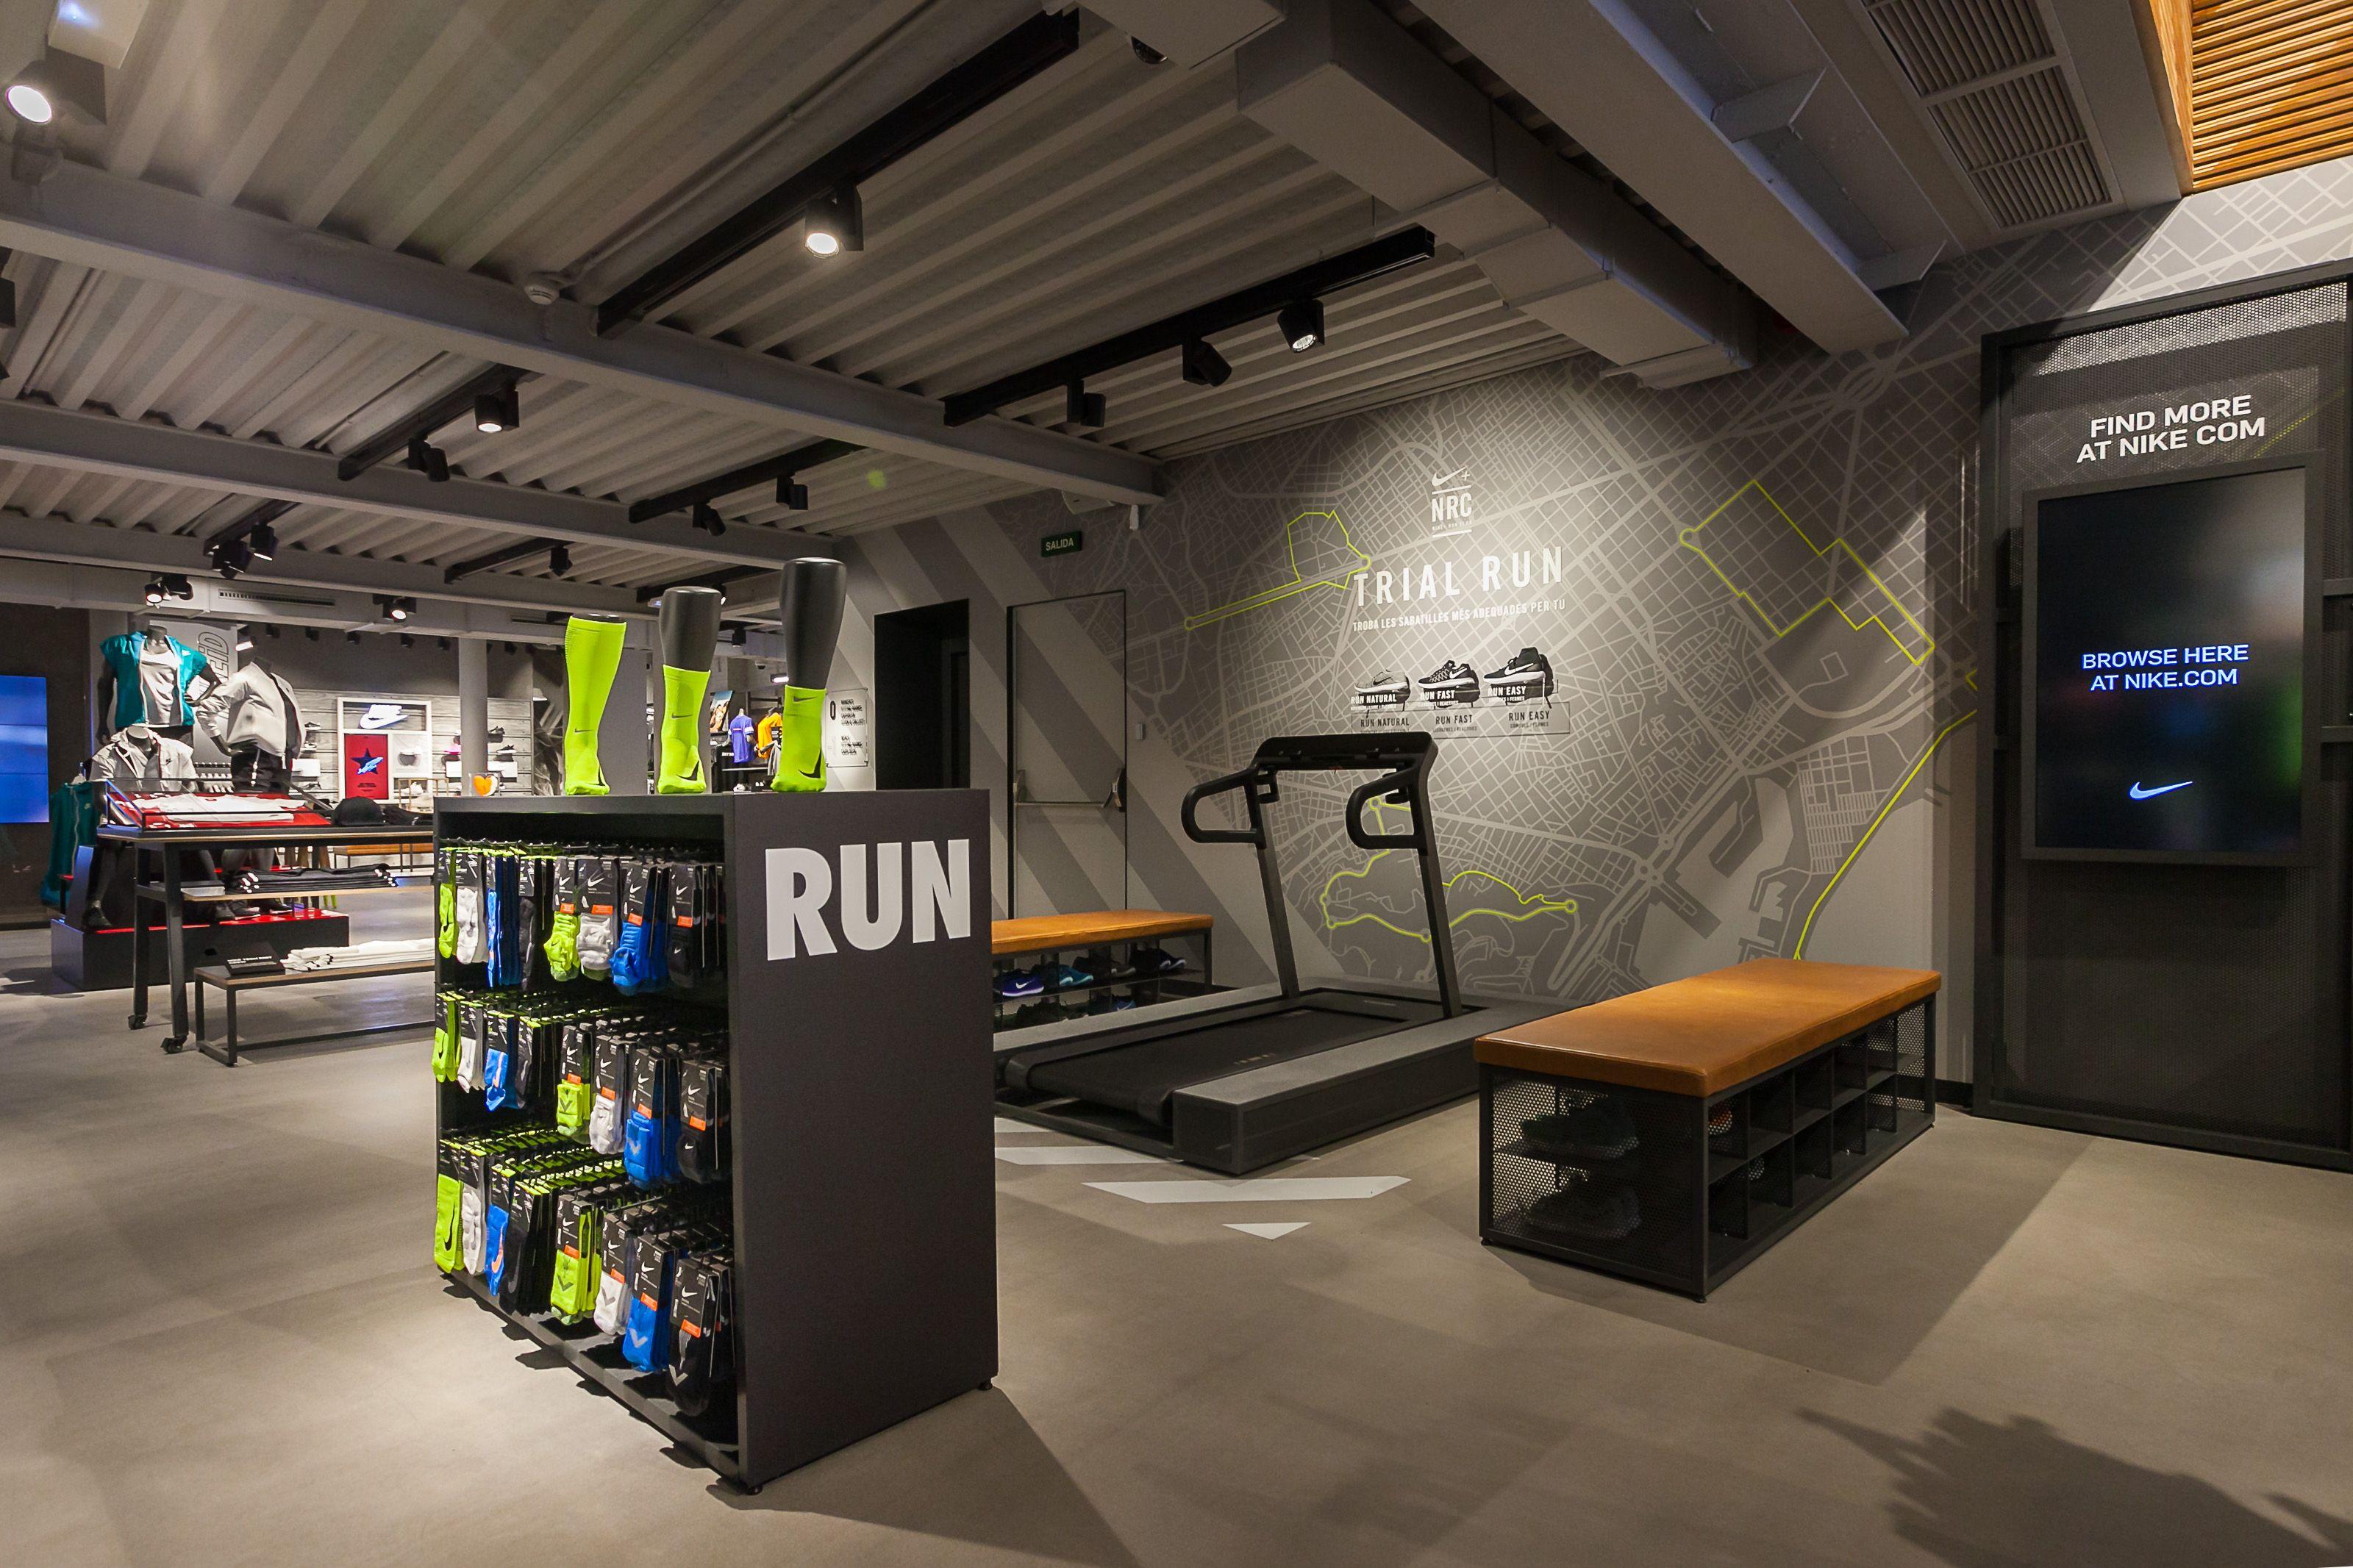 comercio Renacimiento completar  citymap Barcelona Nike store | Nike, Passeig de gracia y Accesorios